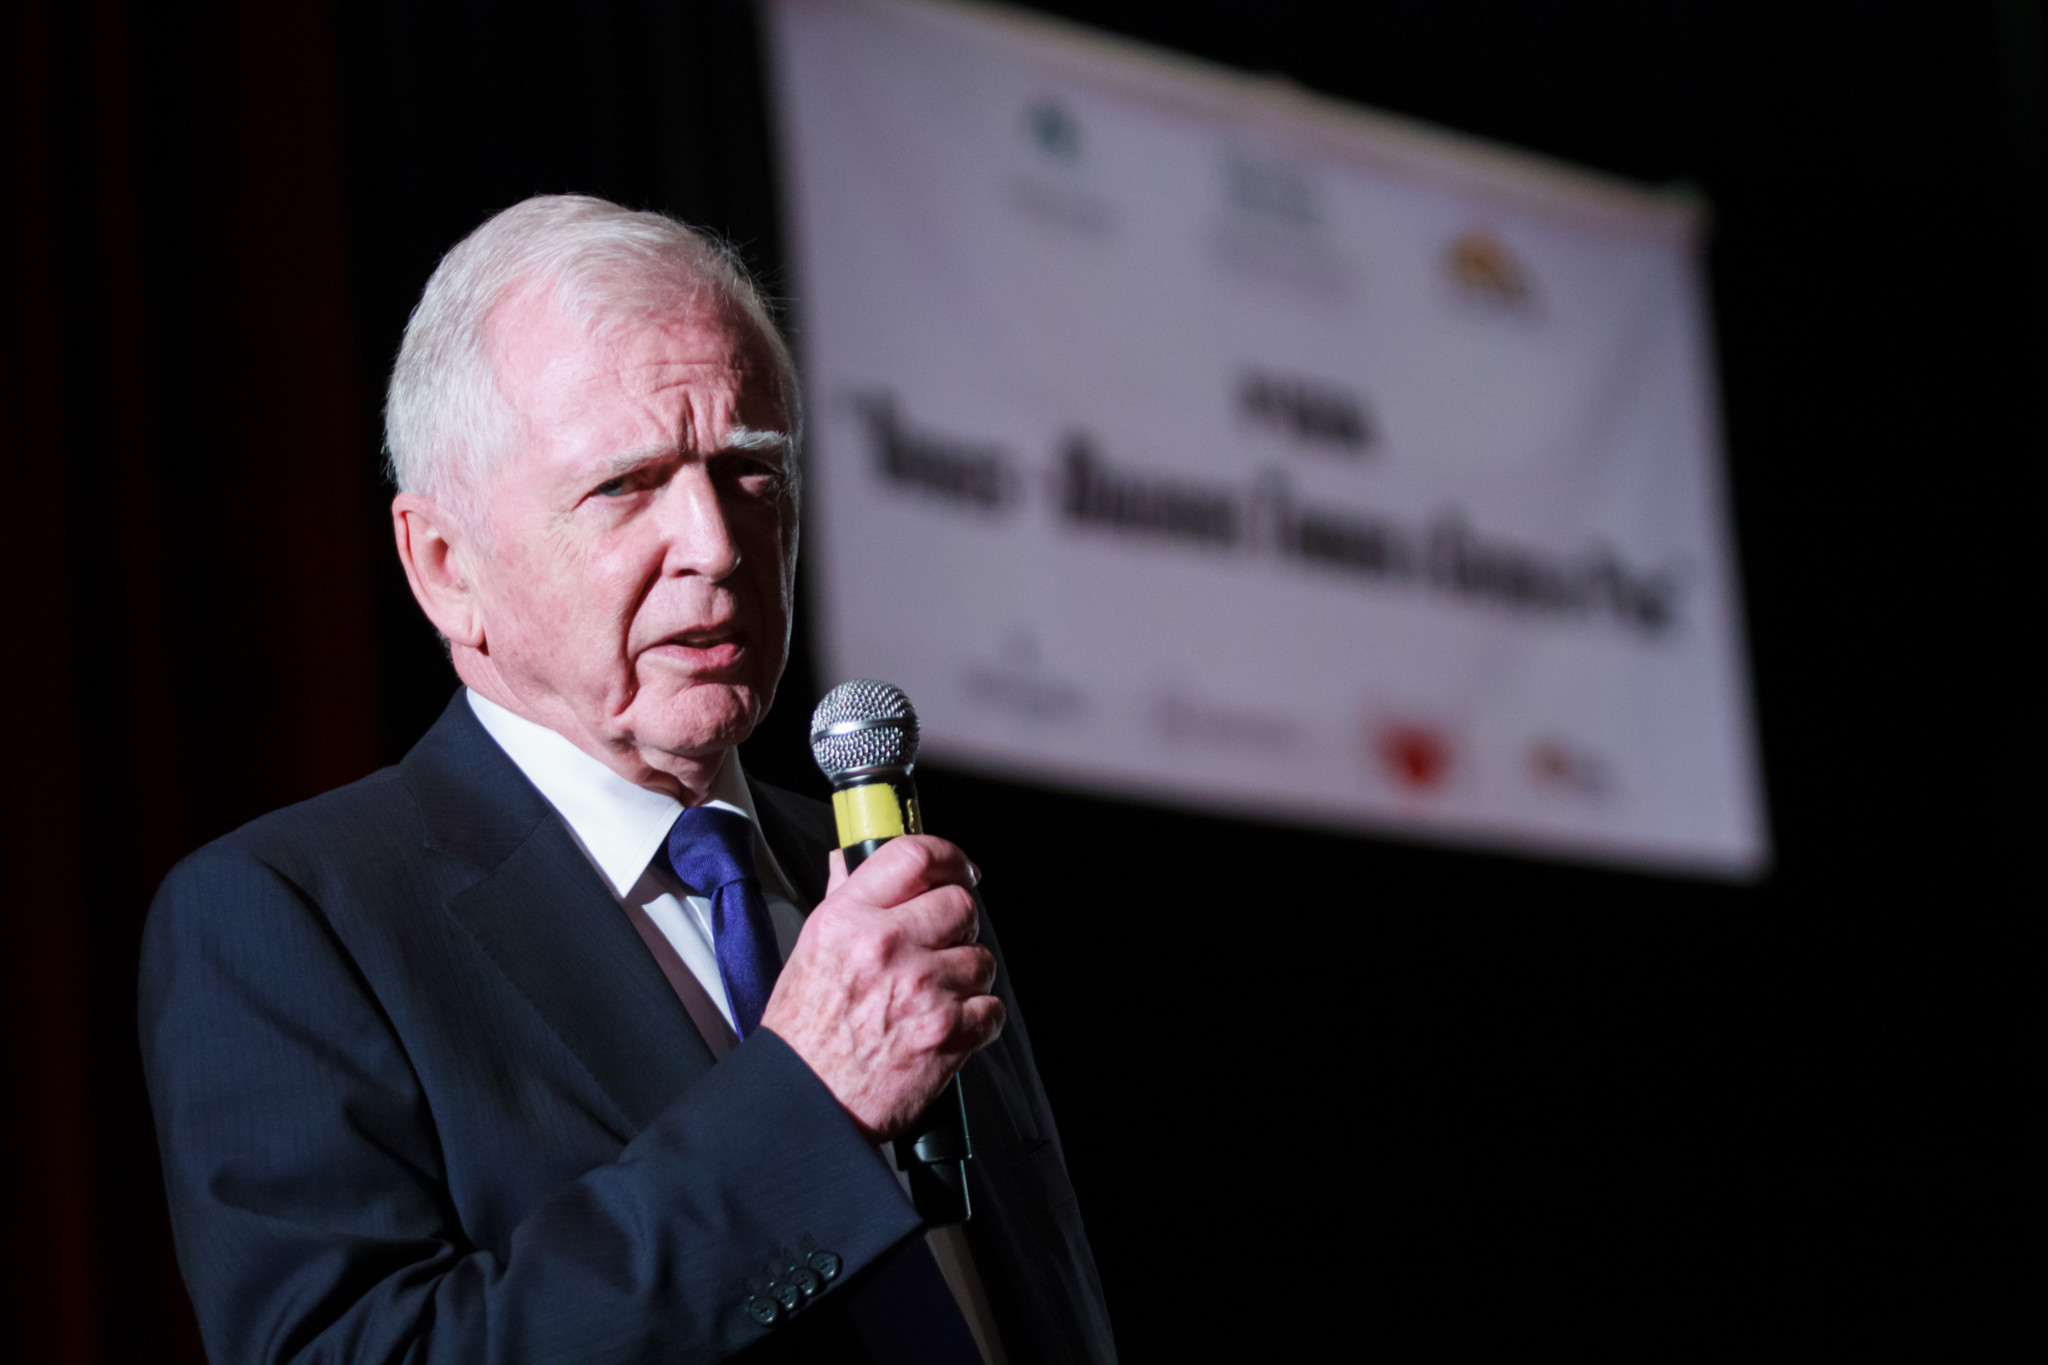 Medicine Nobel Laureate Prof. Harald zur Hausen